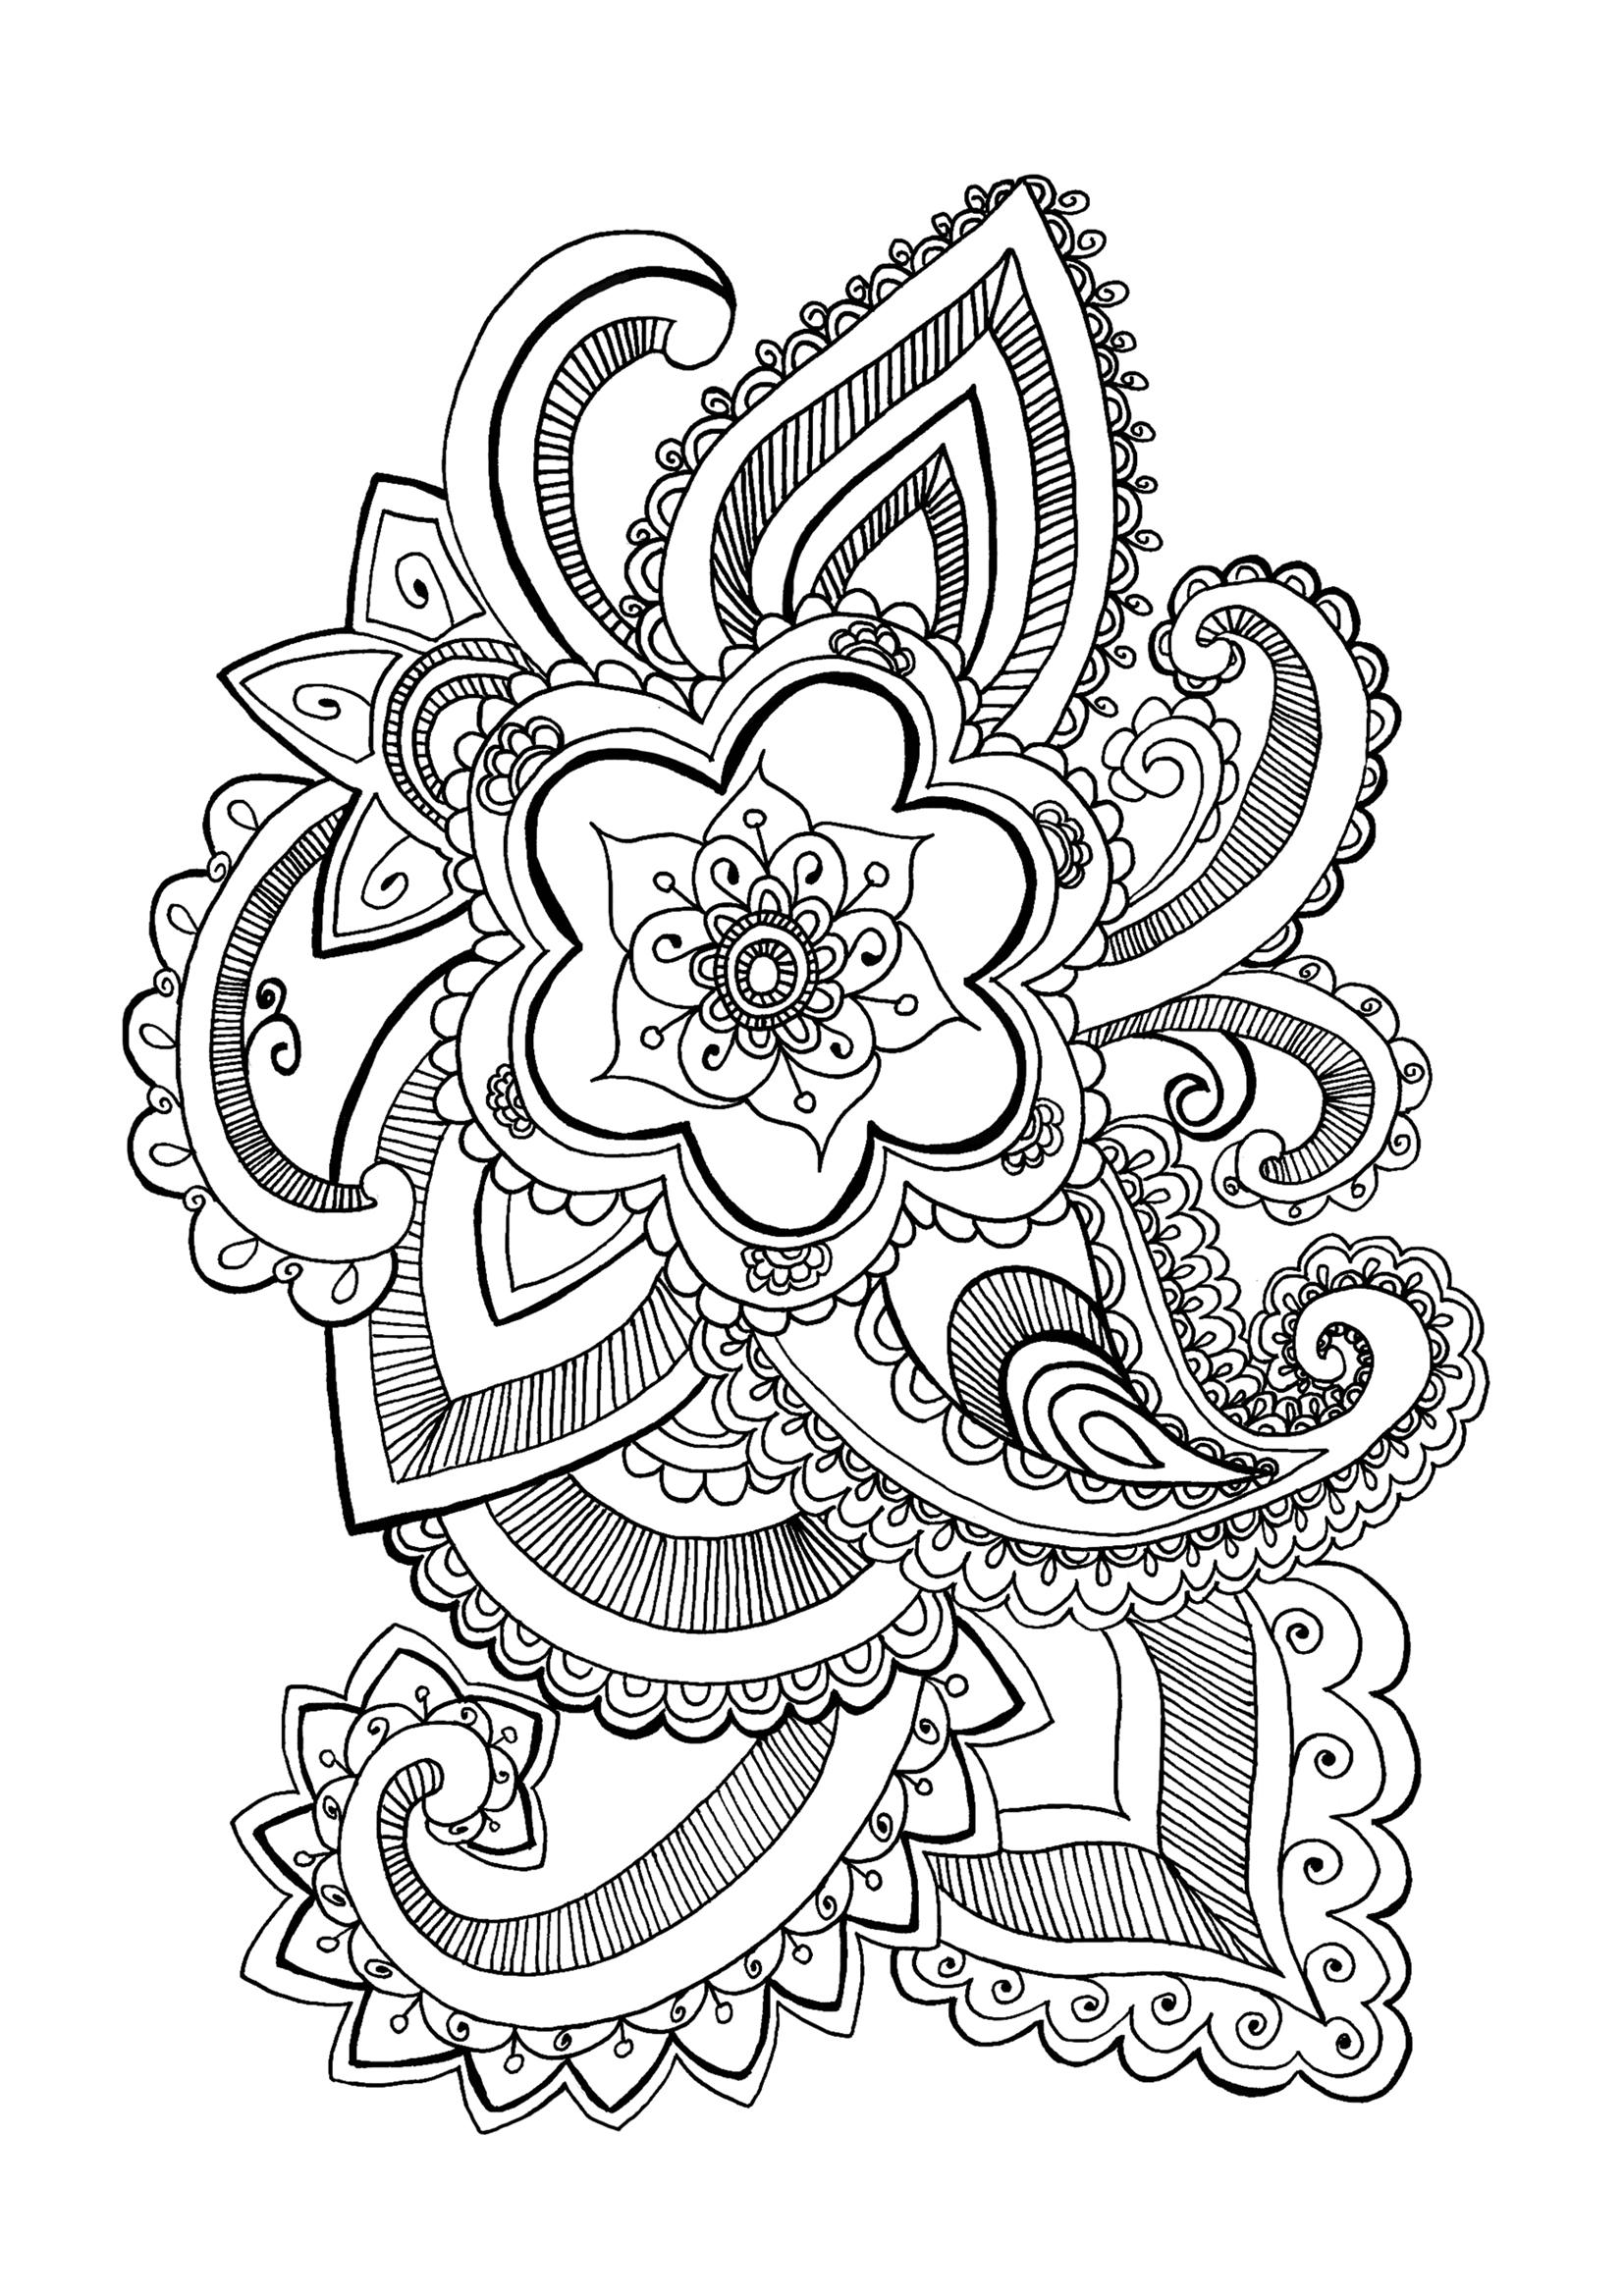 Une superbe fleur, avec un style bien particulier, réalisée par Celine.